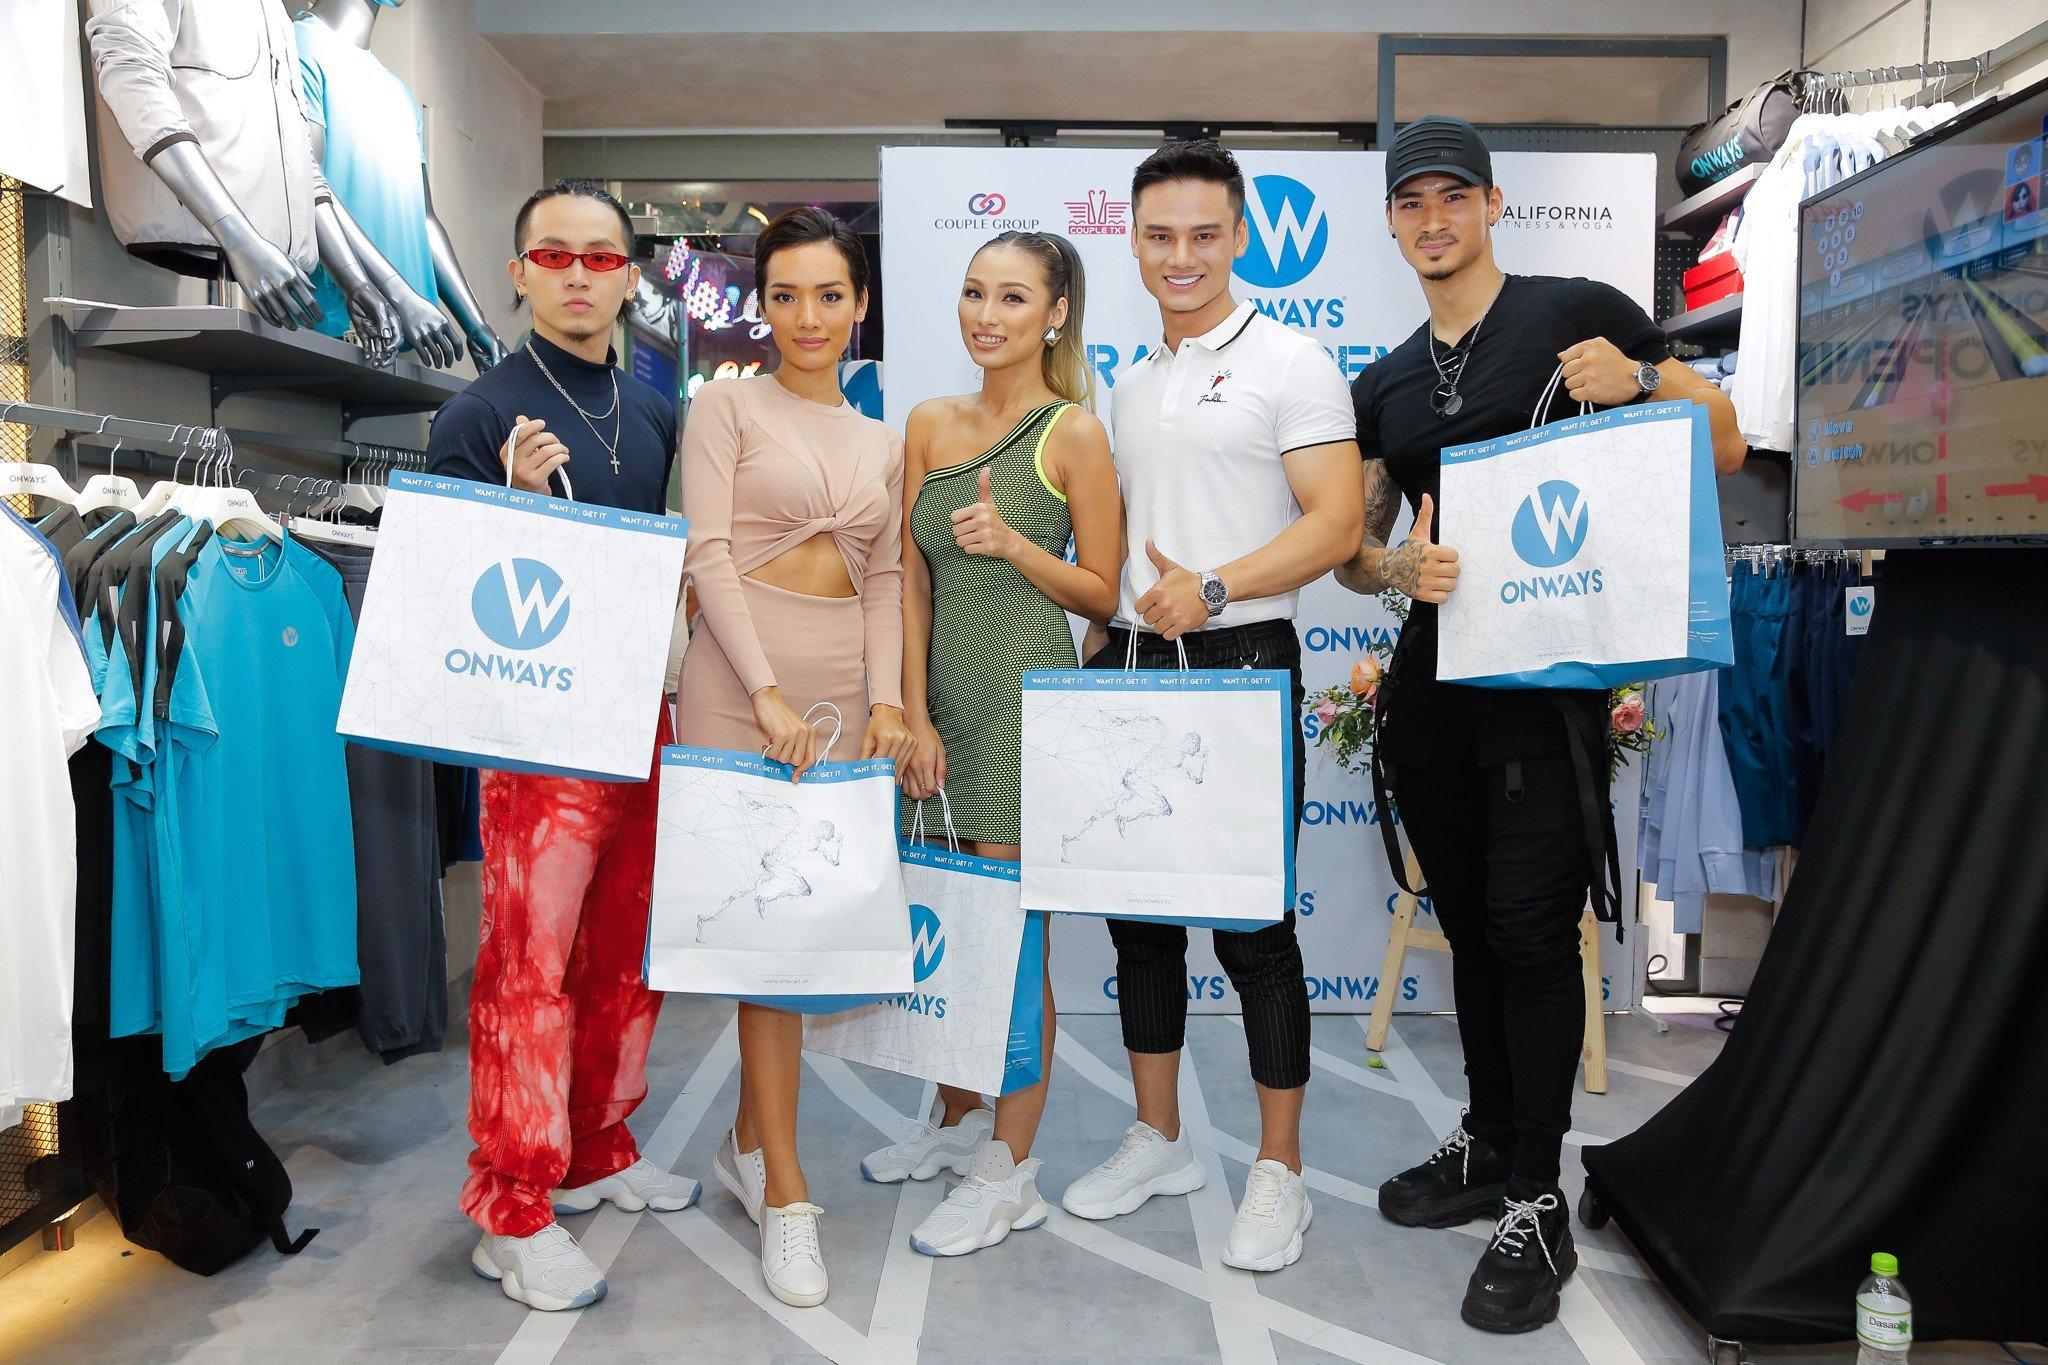 Khai trương cửa hàng đầu tiên của nhãn hàng thời trang thể thao OnWays tại Quận 5